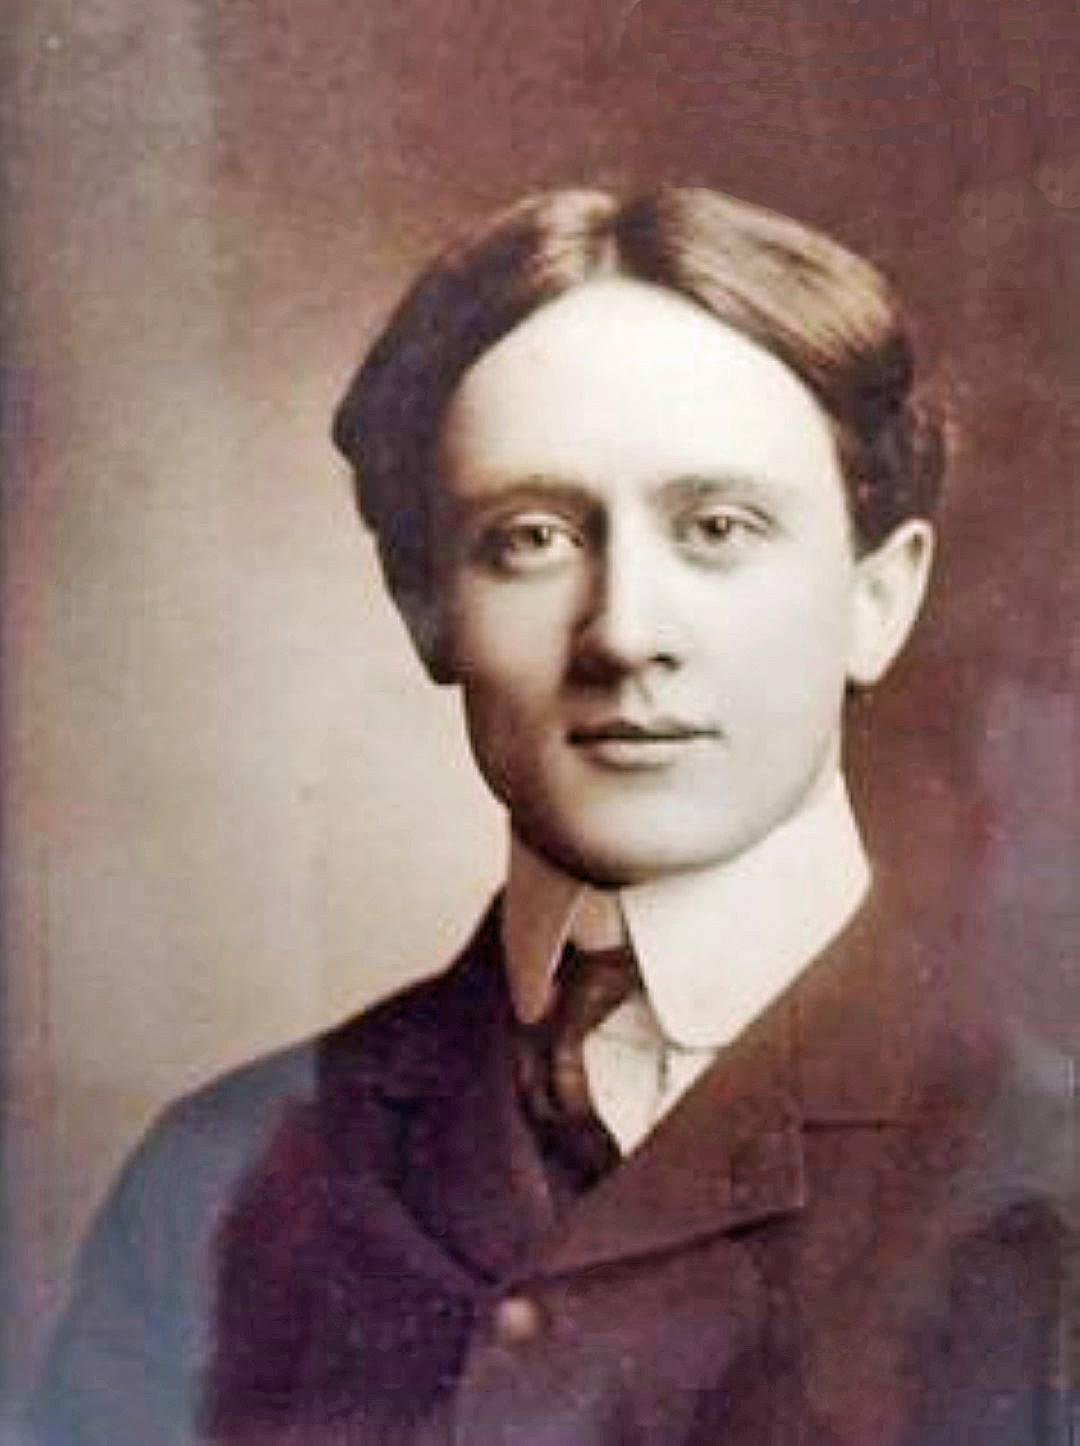 Bill Harley en 1890